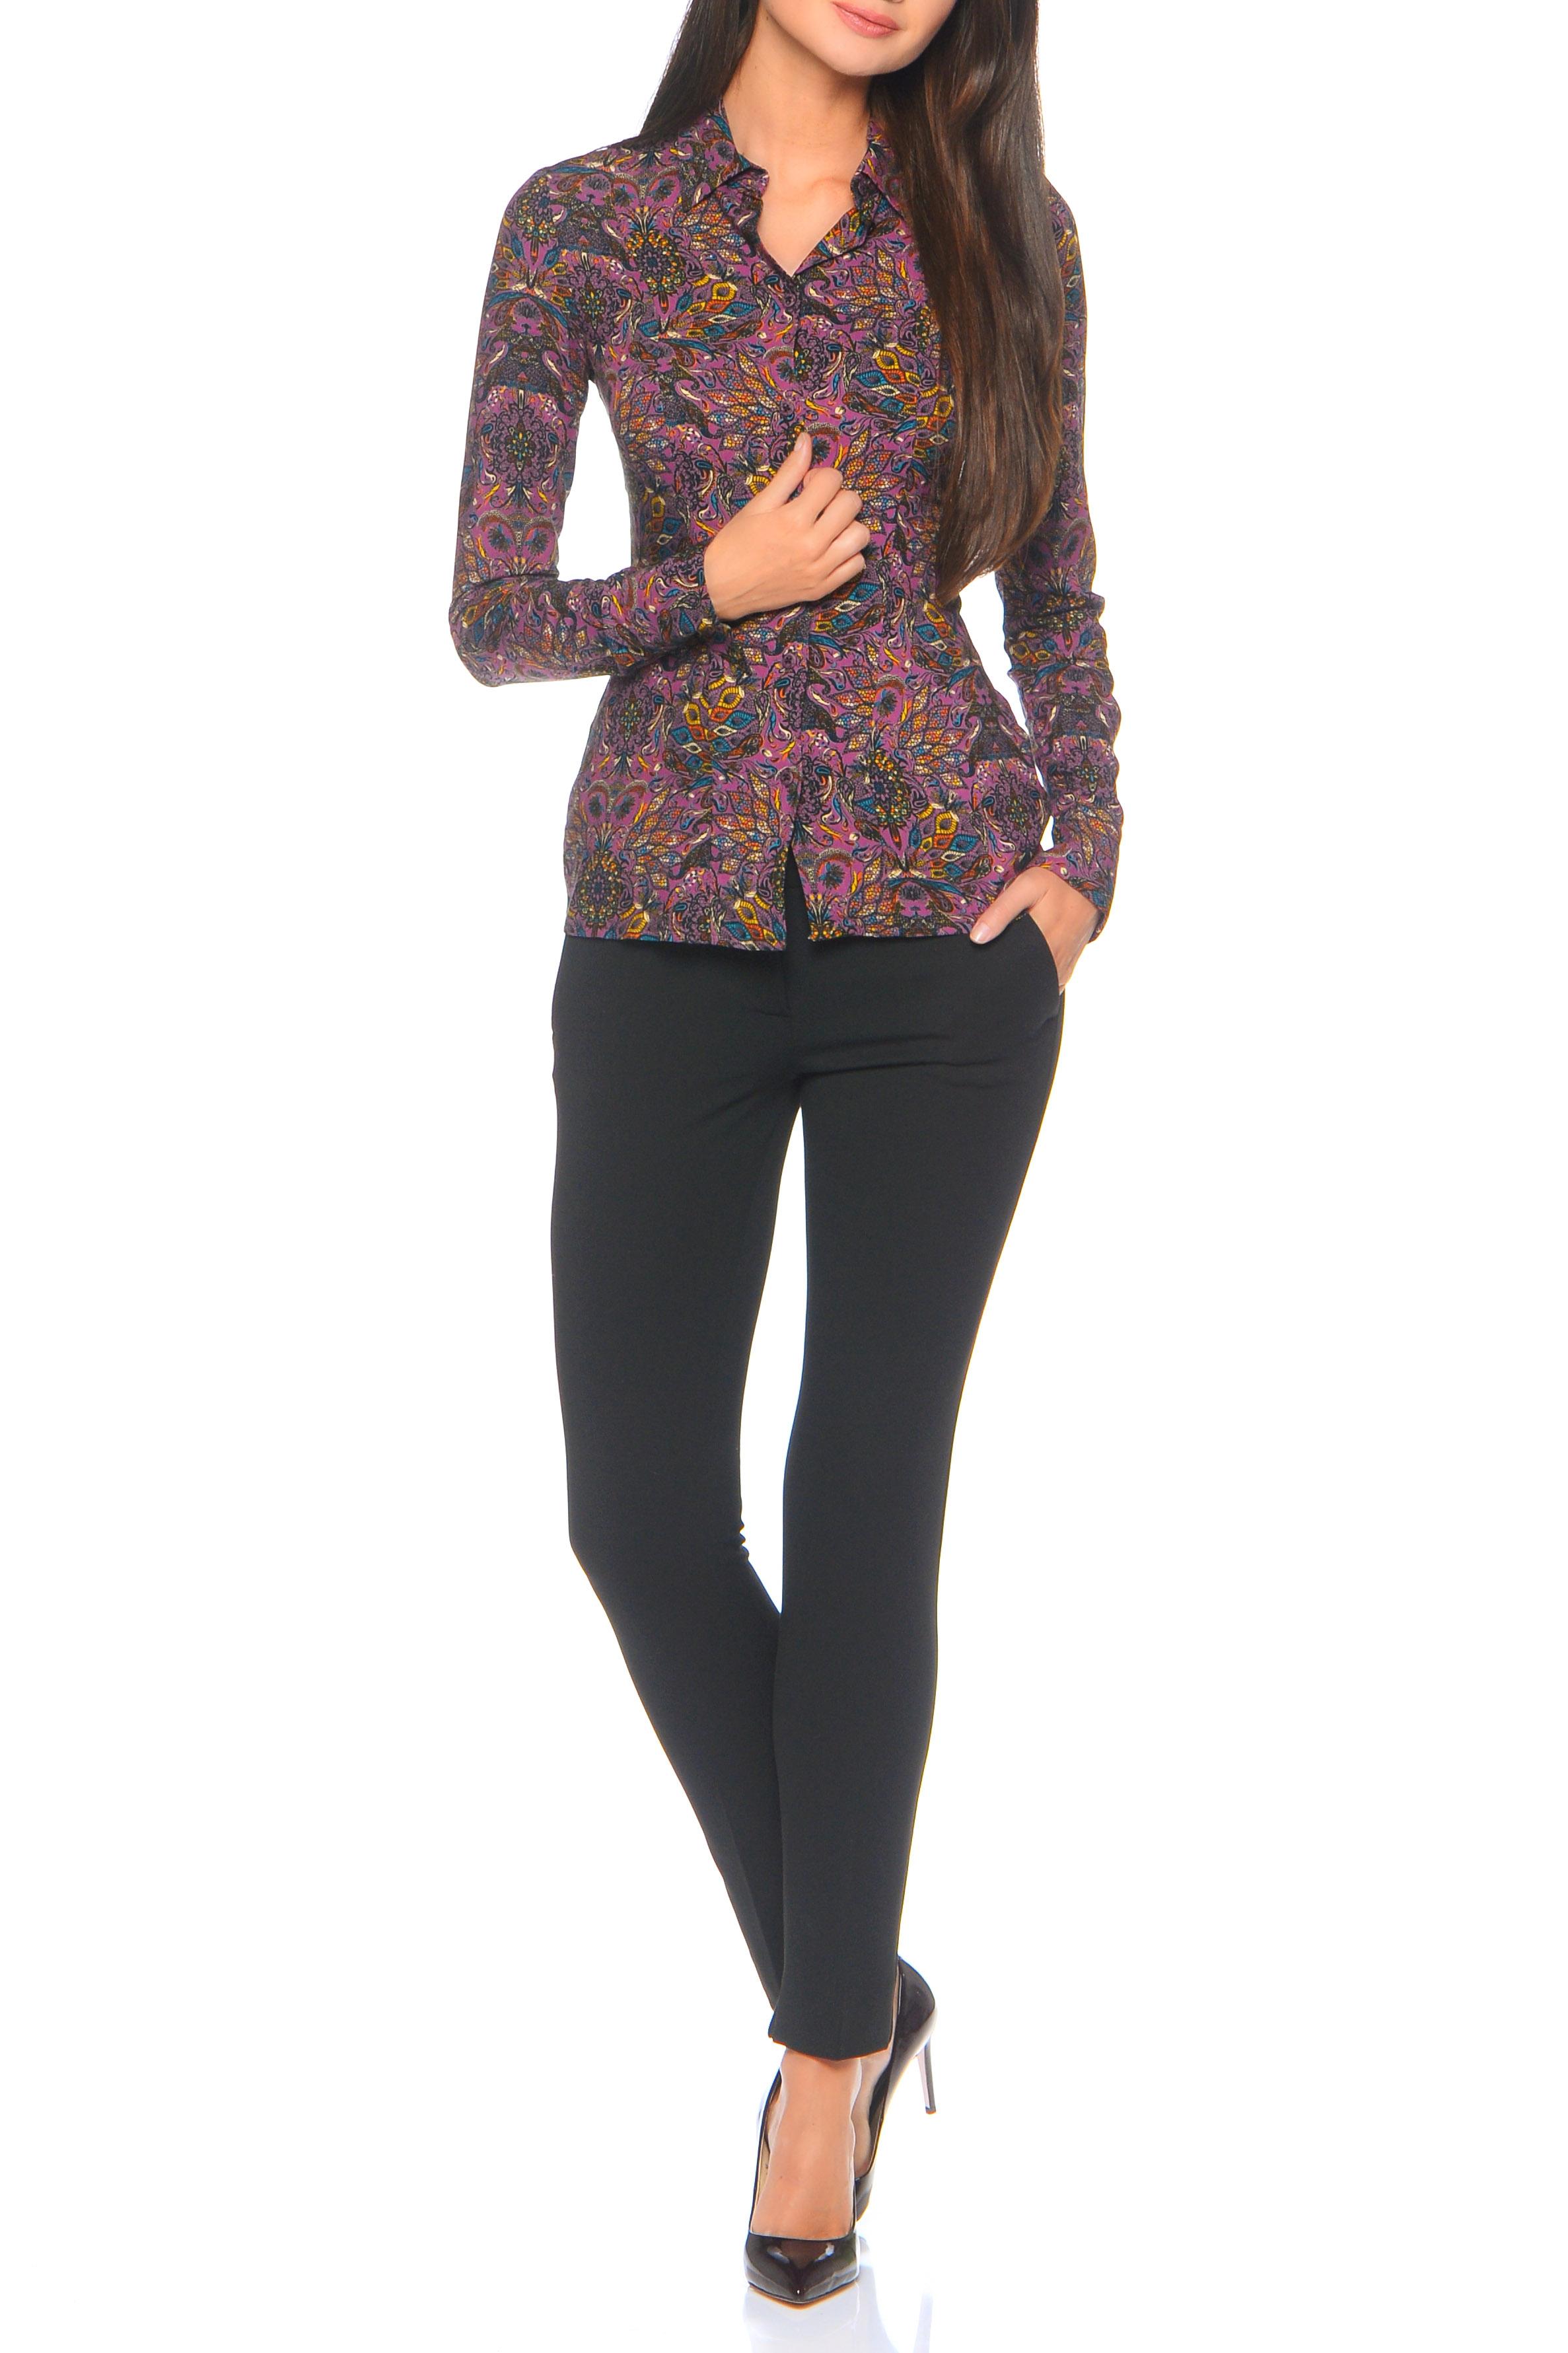 БлузкаРубашки<br>Блузка-рубашка прилегающего силуэта с вертикальным рядом пуговиц спереди, прямым воротником на стойке и длинным рукавом с отложной манжетой, которая помогает легко quot;наращиватьquot; длину рукава. Универсальная длина рубашки до бедра позволяет высоким девушкам носить ее на выпуск, а миниатюрным заправляя в брюки и юбку. Неоспоримый плюс: изящный восточный quot;витражныйquot; принт. Все это очень легко комбинируется с базовыми вещами гардероба, не зависимо от сезона. Внимание Блуза облегающего силуэта.   Ростовка изделия 170 см.  В изделии использованы цвета: фиолетовый и др.  Параметры размеров: 42 размер соответствует обхвату груди 80 см;  44 размер соответствует обхвату груди 84 см;  46 размер соответствует обхвату груди 88 см;  48 размер соответствует обхвату груди 92 см;  50 размер соответствует обхвату груди 98 см;  52 размер соответствует обхвату груди 100 см;  54 размер соответствует обхвату груди 100 см.<br><br>Воротник: Рубашечный<br>Застежка: С пуговицами<br>По материалу: Вискоза,Тканевые<br>По рисунку: С принтом,Цветные,Этнические<br>По сезону: Весна,Зима,Лето,Осень,Всесезон<br>По силуэту: Приталенные<br>По стилю: Повседневный стиль<br>По элементам: С манжетами<br>Рукав: Длинный рукав<br>Размер : 44,46<br>Материал: Вискоза<br>Количество в наличии: 2